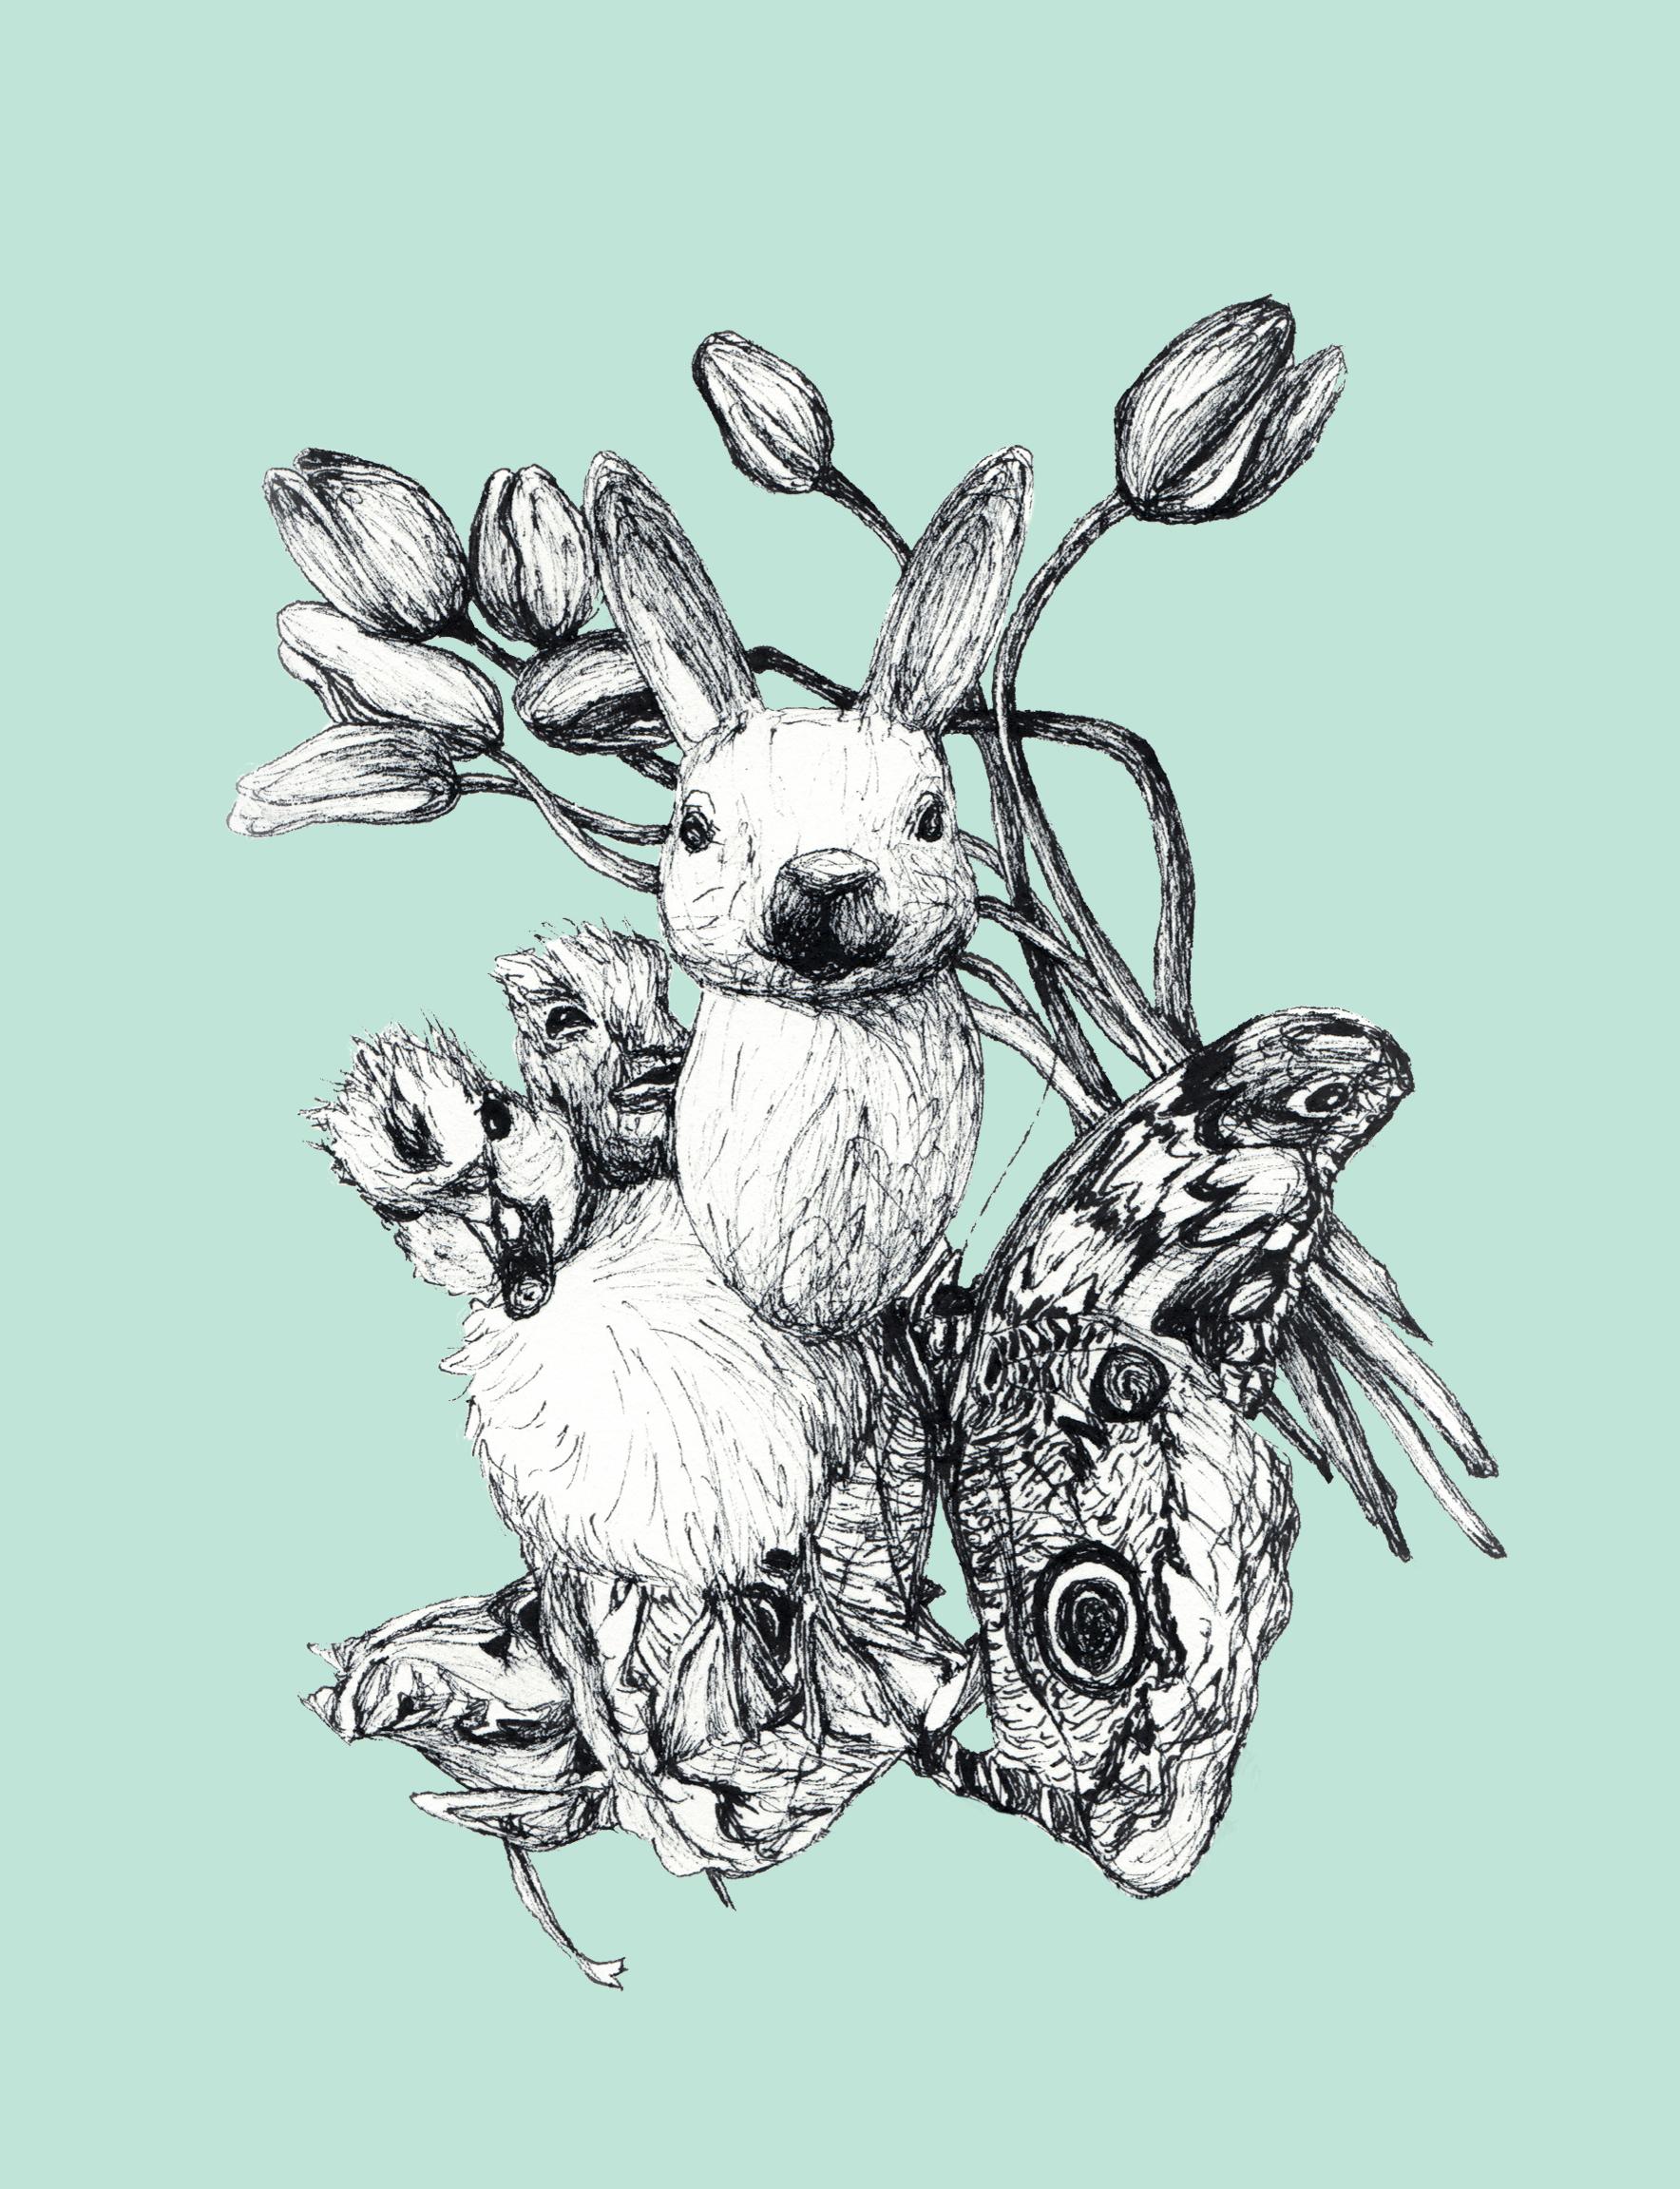 Bunny Memento Mori on Teal